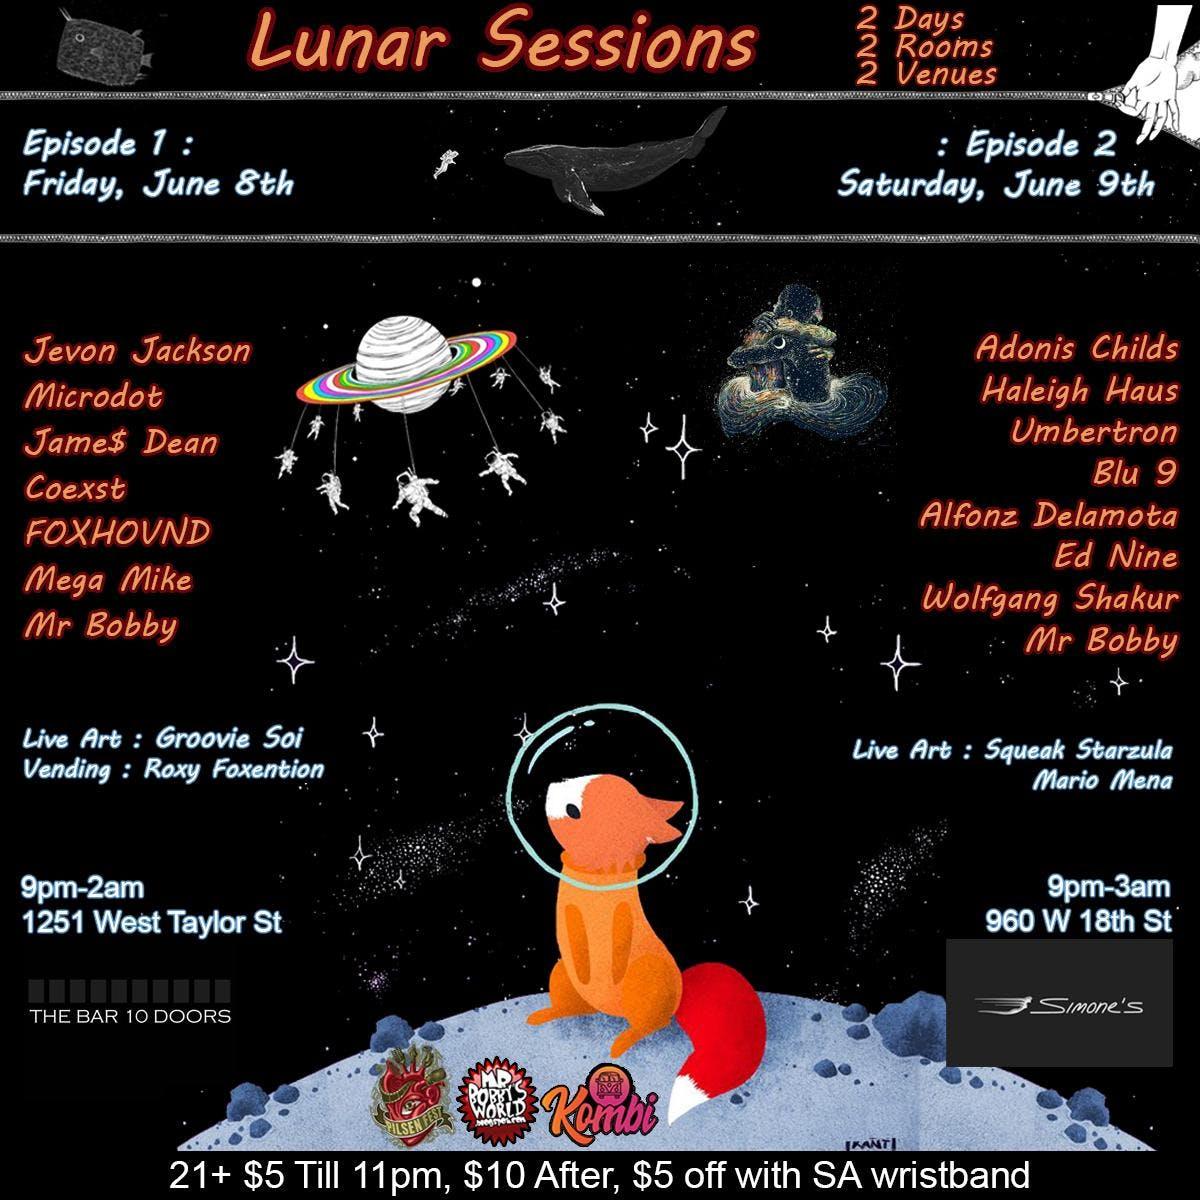 Lunar Sessions Episode 1